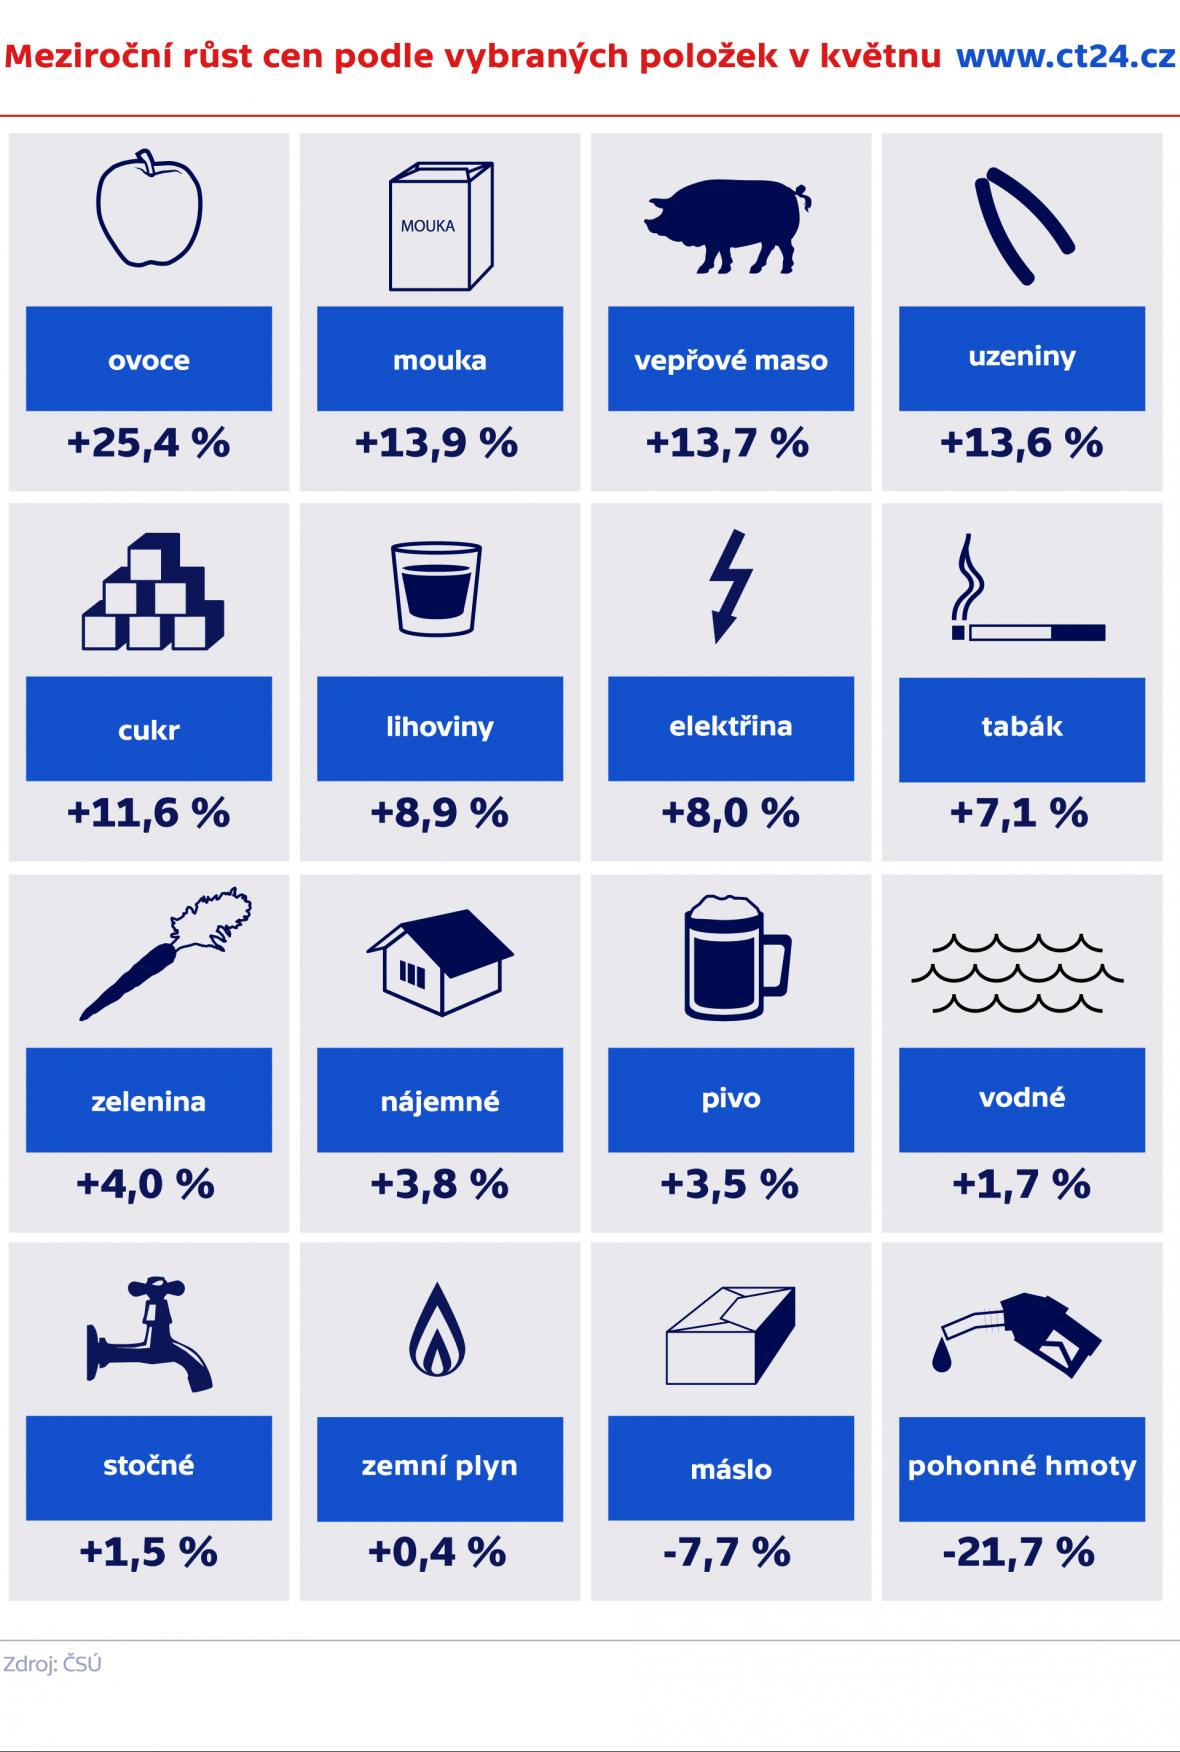 Meziroční růst cen podle vybraných položek v květnu